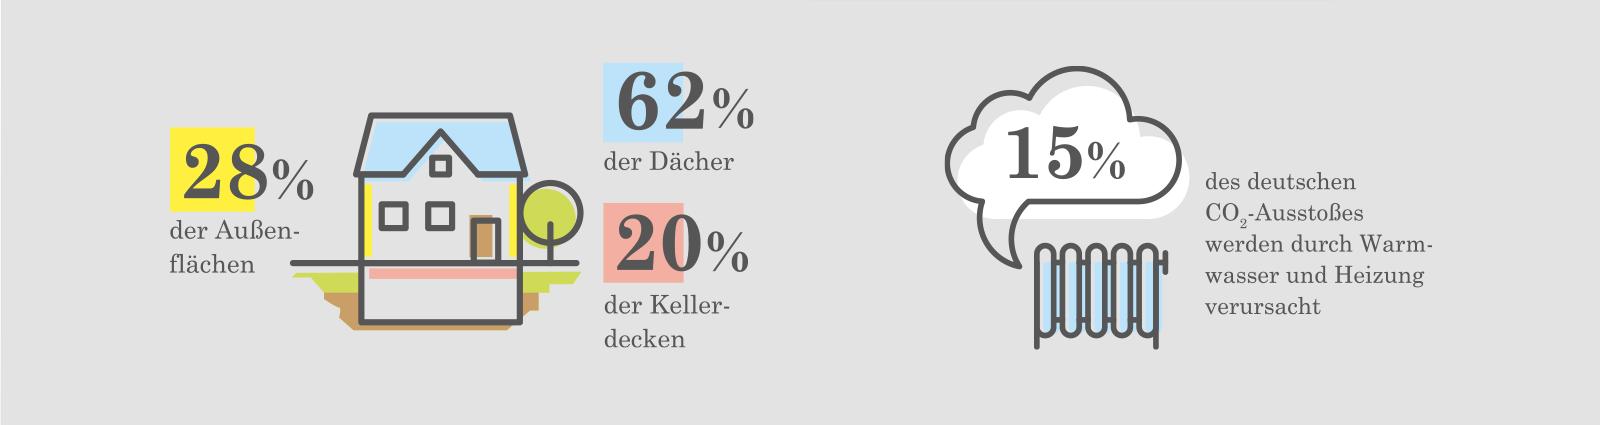 Bei Gebäuden, die vor 1978 errichtet wurden, wurden bisher 28 Prozent der Außenflächen, 62 Prozent der Dächer und 20 Prozent der Kellerdecken gedämmt. 15 Prozent des deutschen CO2-Ausstoßes werden durch Warmwasser und Heizung verursacht.